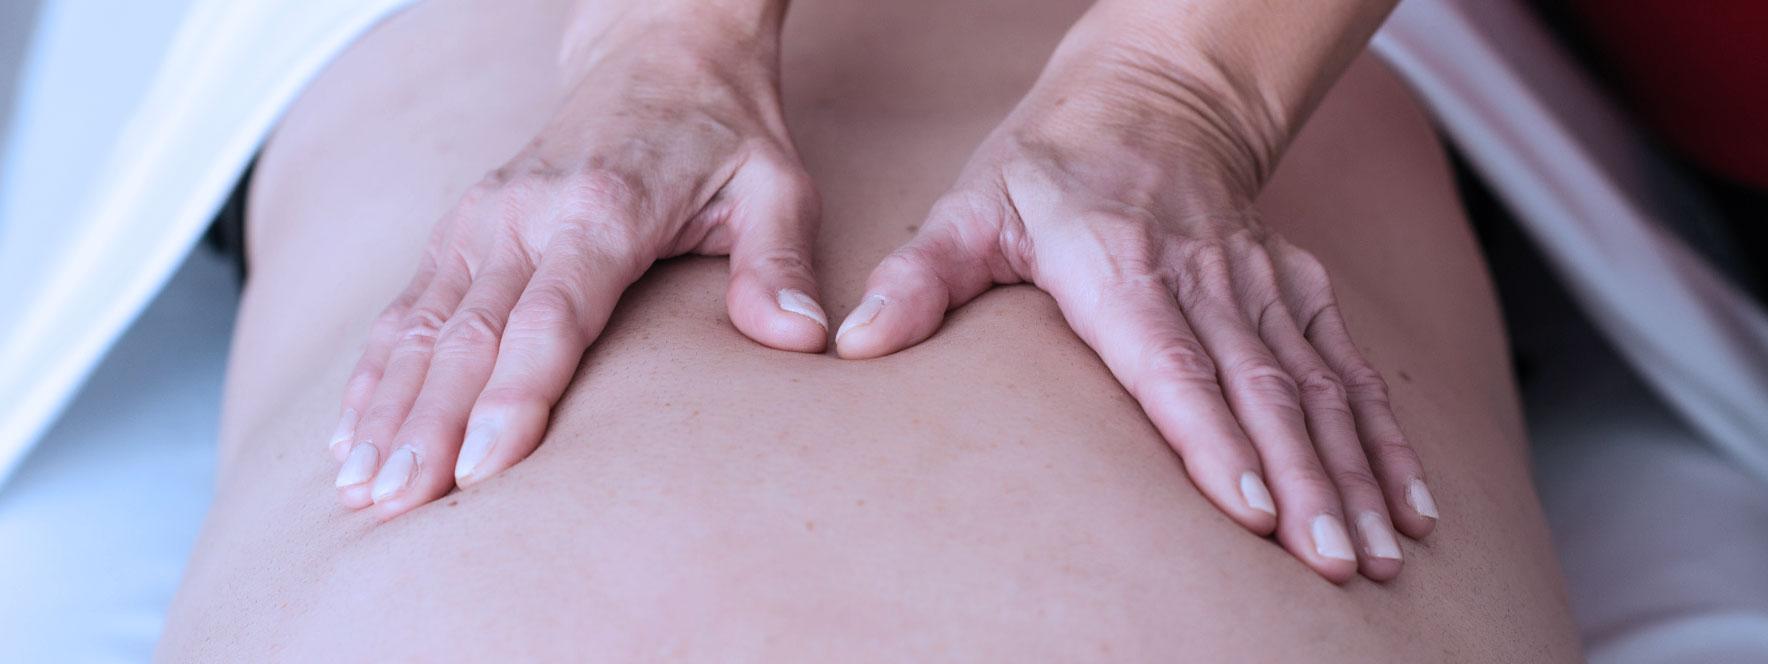 Le massage à ses débuts | Réseau des massothérapeutes